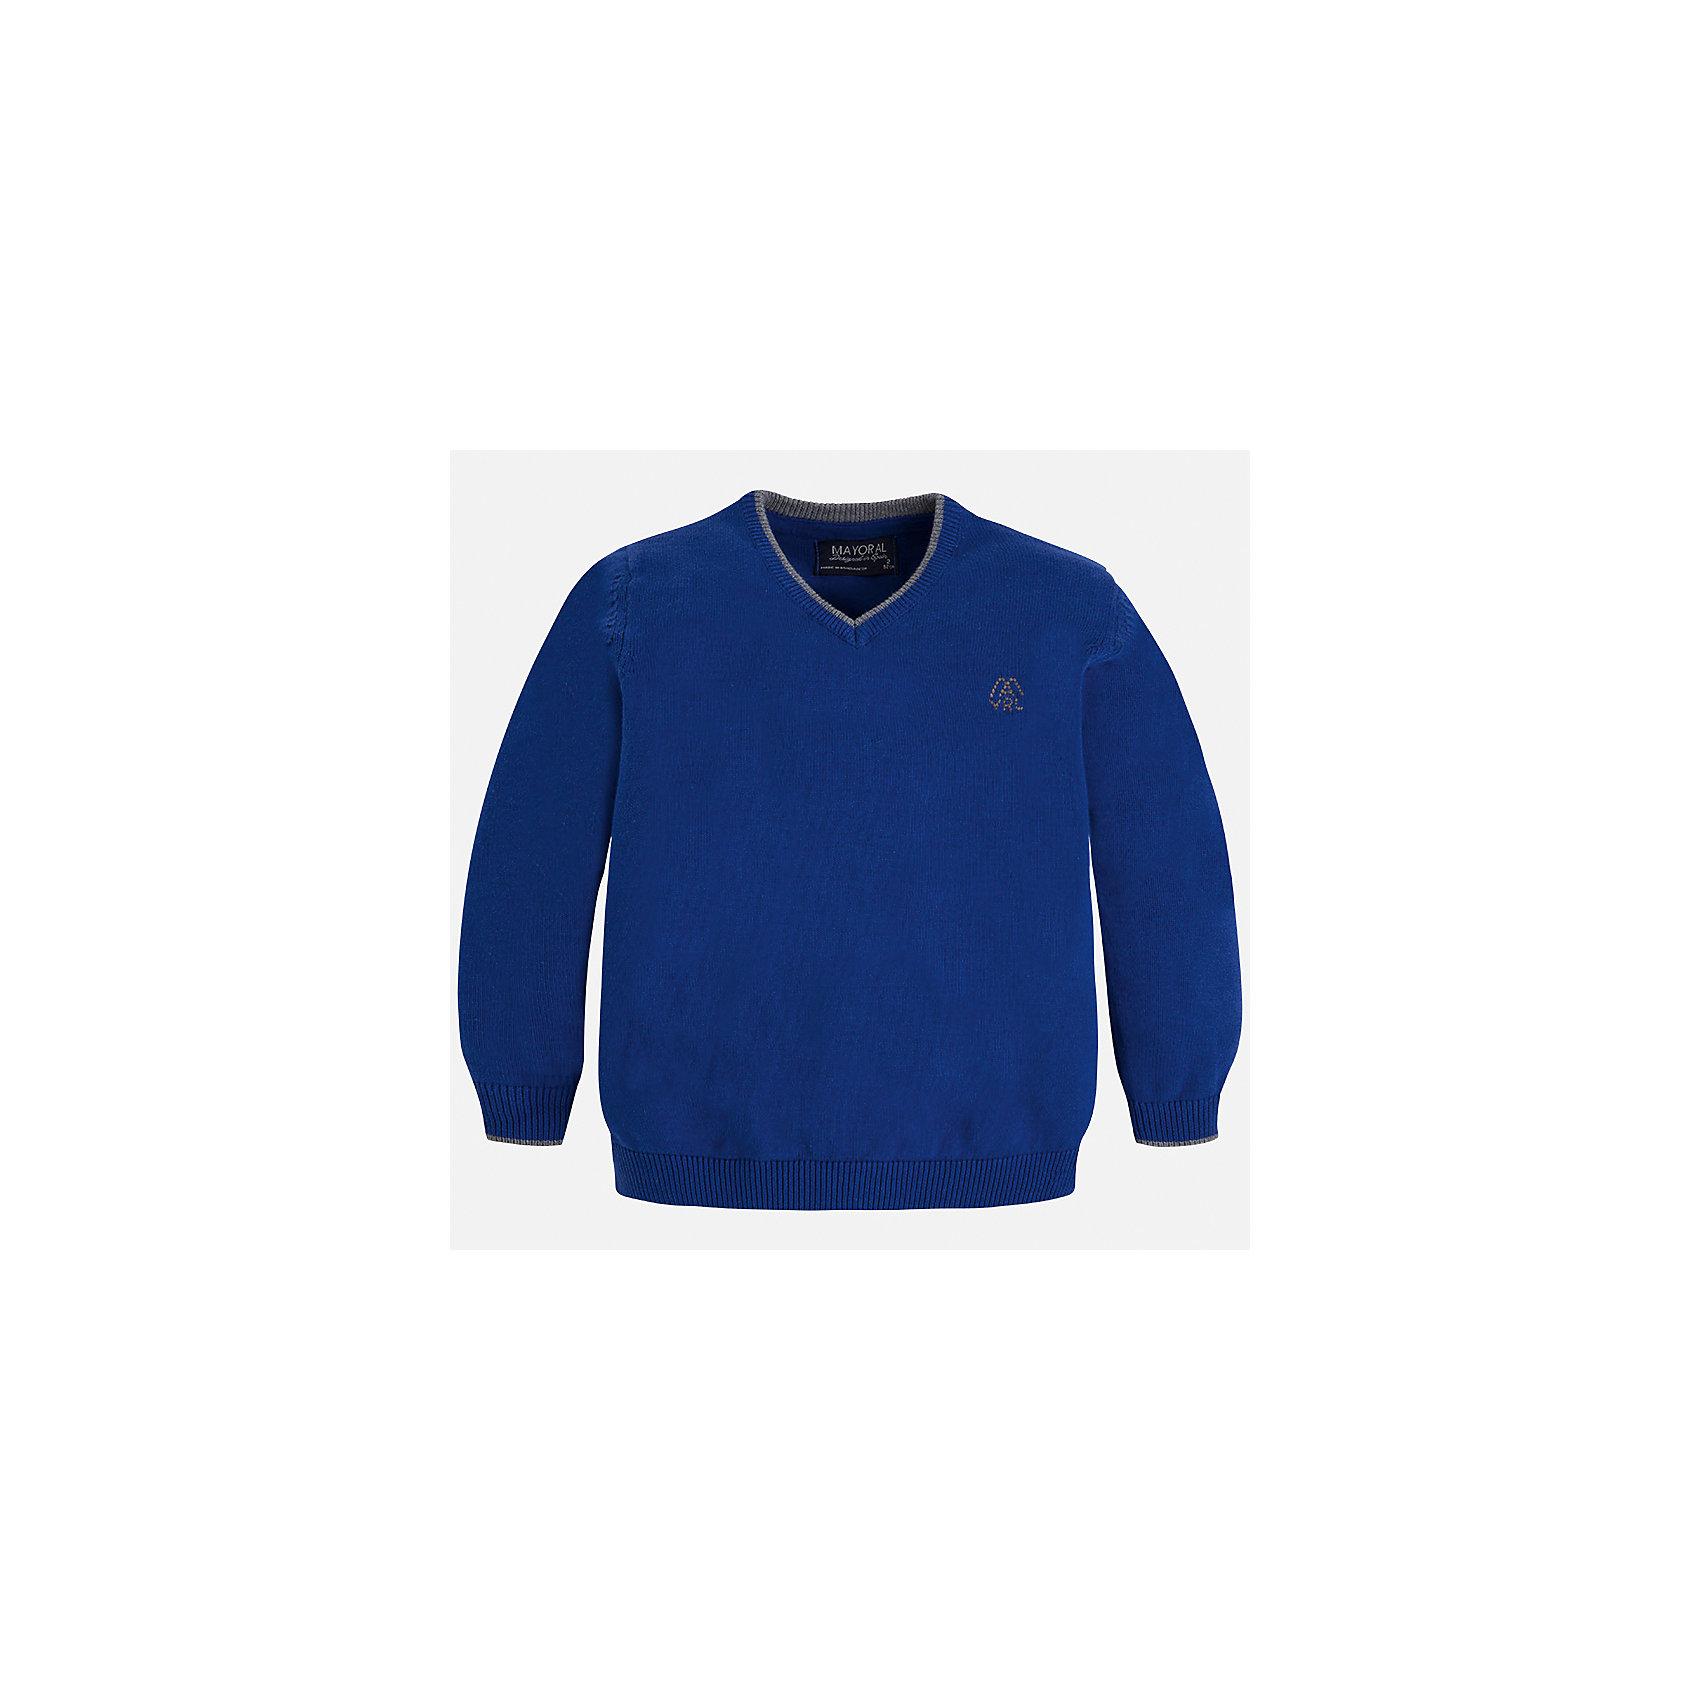 Свитер Mayoral для мальчикаСвитера и кардиганы<br>Характеристики товара:<br><br>• цвет: синий;<br>• состав ткани: 100% хлопок;<br>• сезон: демисезон;<br>• длинный рукав - реглан;<br>• однотонный;<br>• школьный;<br>• страна бренда: Испания;<br>• страна изготовитель: Бангладеш.<br><br>Свитер для мальчика от популярного бренда Mayoral из натурального и мягкого 100% хлопка тонкой вязки, декорирован принтом в виде логотипа с вышивкой на груди. Имеет V-образный вырез и уплотненные края на руковах и поясе  с контрастной  оконтовкой. Модель смотрится аккуратно и стильно как с джинсами, так и в сочетании со школьной формой.<br><br>Для производства детской одежды популярный бренд Mayoral используют только качественную фурнитуру и материалы. Оригинальные и модные вещи от Майорал неизменно привлекают внимание и нравятся детям.<br><br>Свитер для мальчика Mayoral (Майорал) можно купить в нашем интернет-магазине.<br><br>Ширина мм: 190<br>Глубина мм: 74<br>Высота мм: 229<br>Вес г: 236<br>Цвет: синий<br>Возраст от месяцев: 18<br>Возраст до месяцев: 24<br>Пол: Мужской<br>Возраст: Детский<br>Размер: 92,134,128,122,116,110,104,98<br>SKU: 6931859